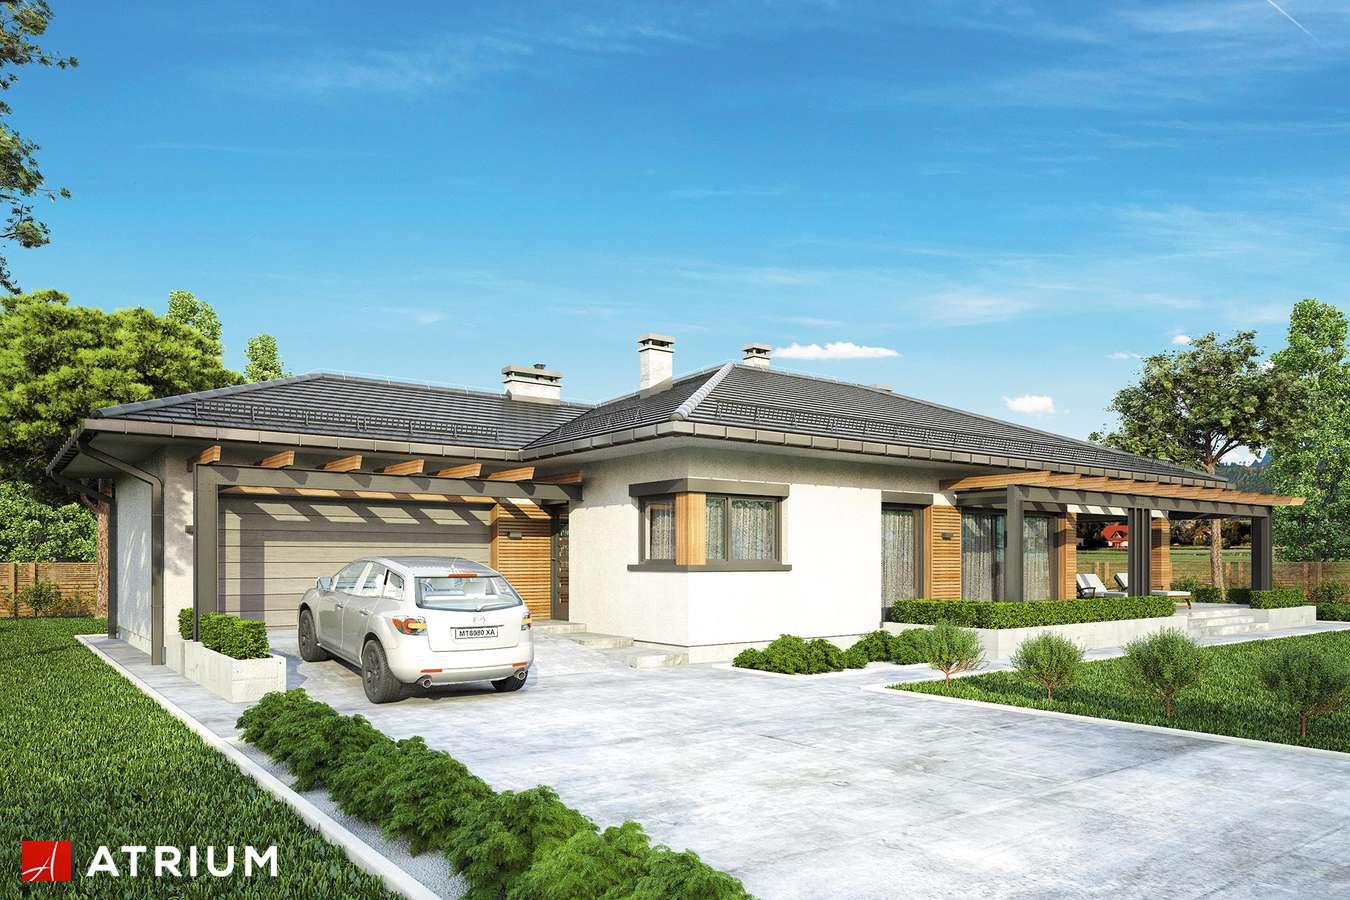 Projekty domów - Projekt domu parterowego MADERA - wizualizacja 1 - wersja lustrzana